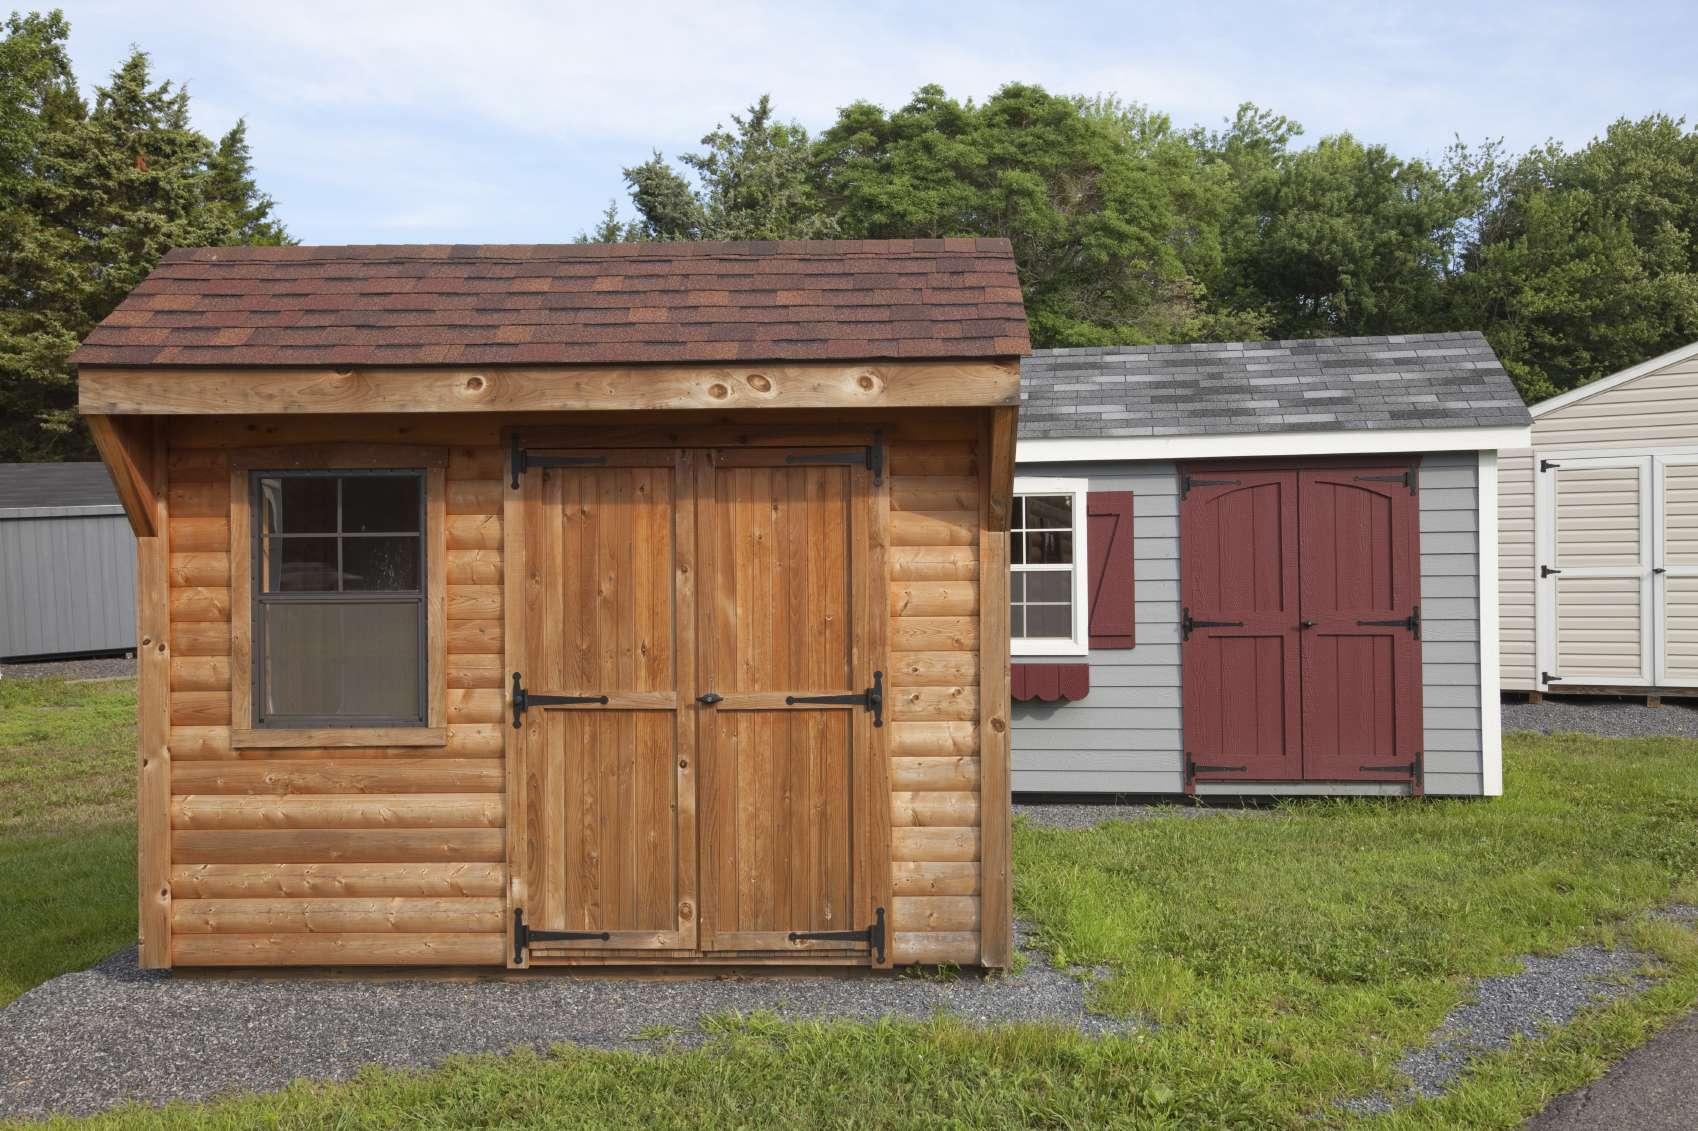 Tout Pour Construire Votre Abri De Jardin | Pratique.fr serapportantà Construire Une Cabane De Jardin